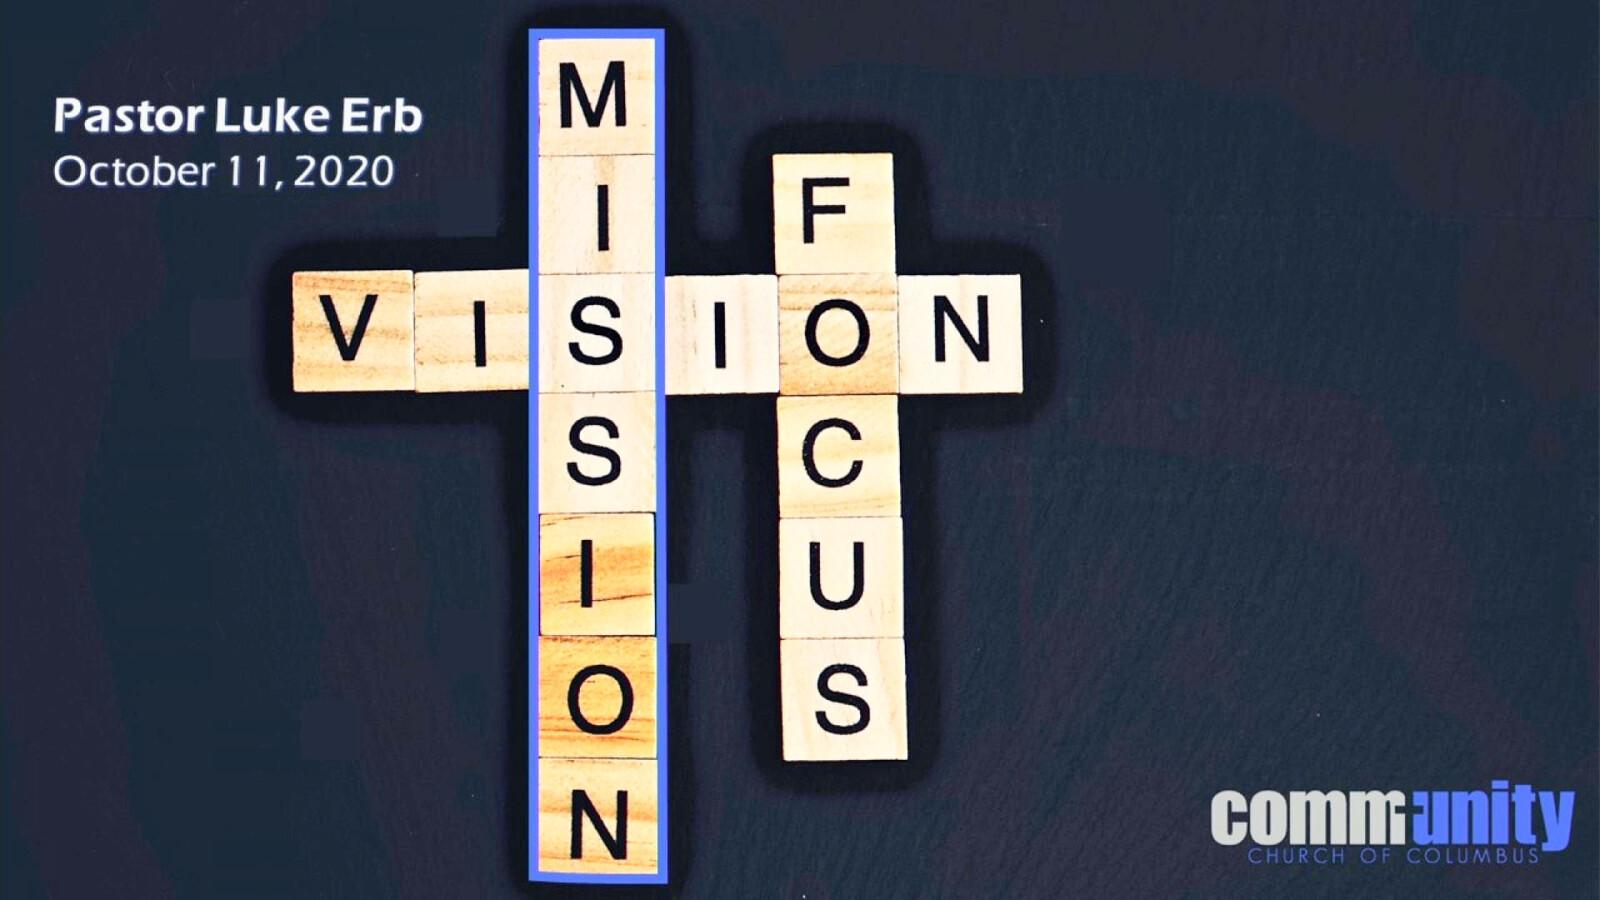 Mission - Vision - Focus